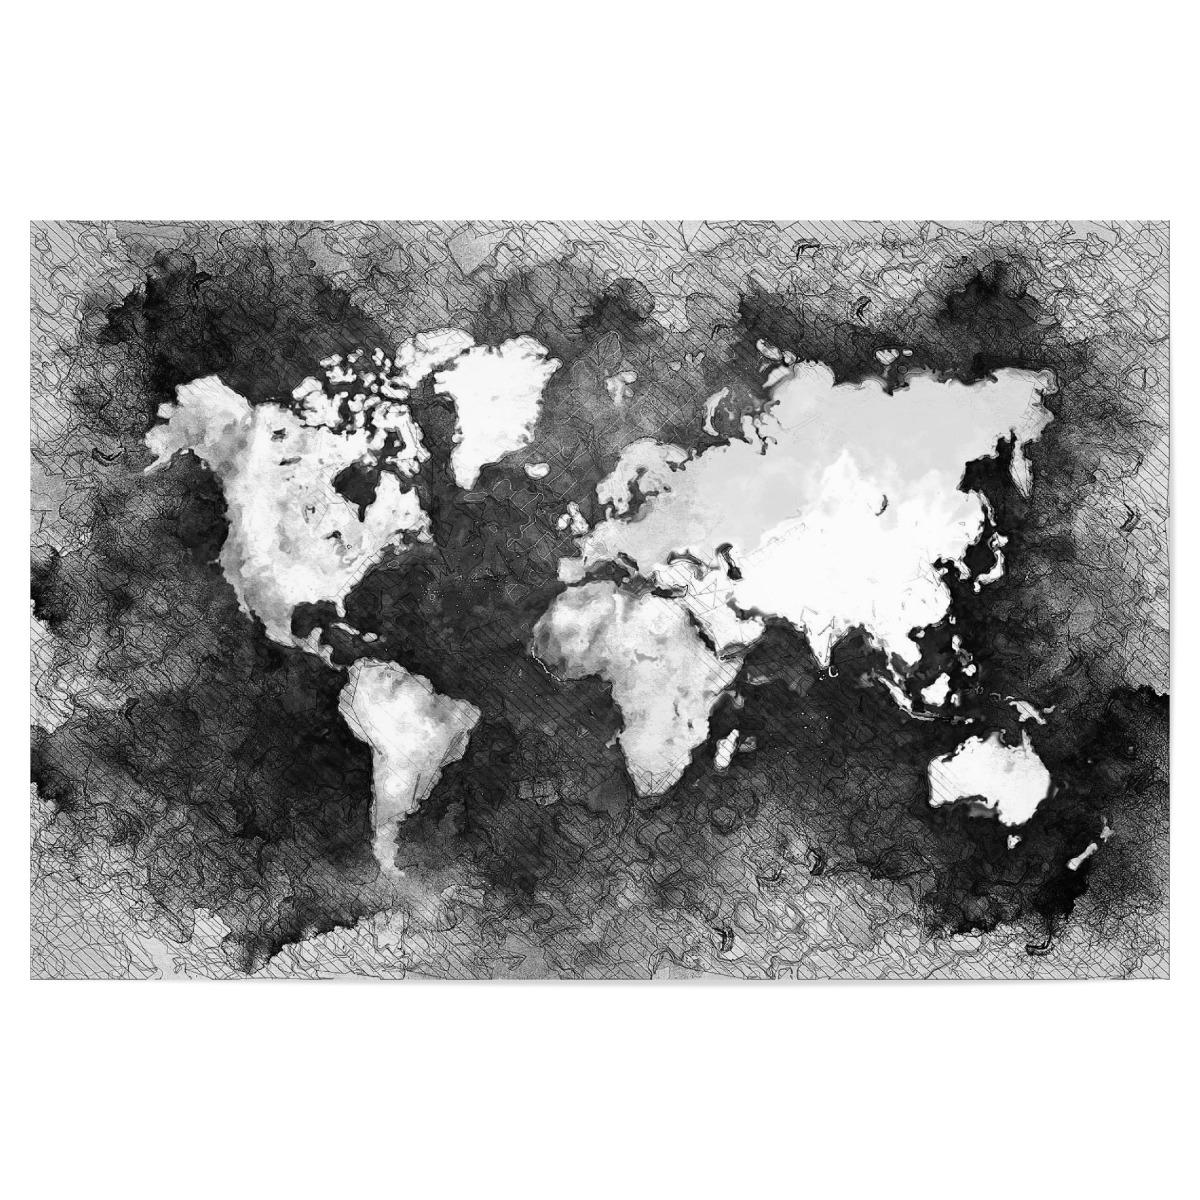 World map black white als Poster bei artboxONE kaufen